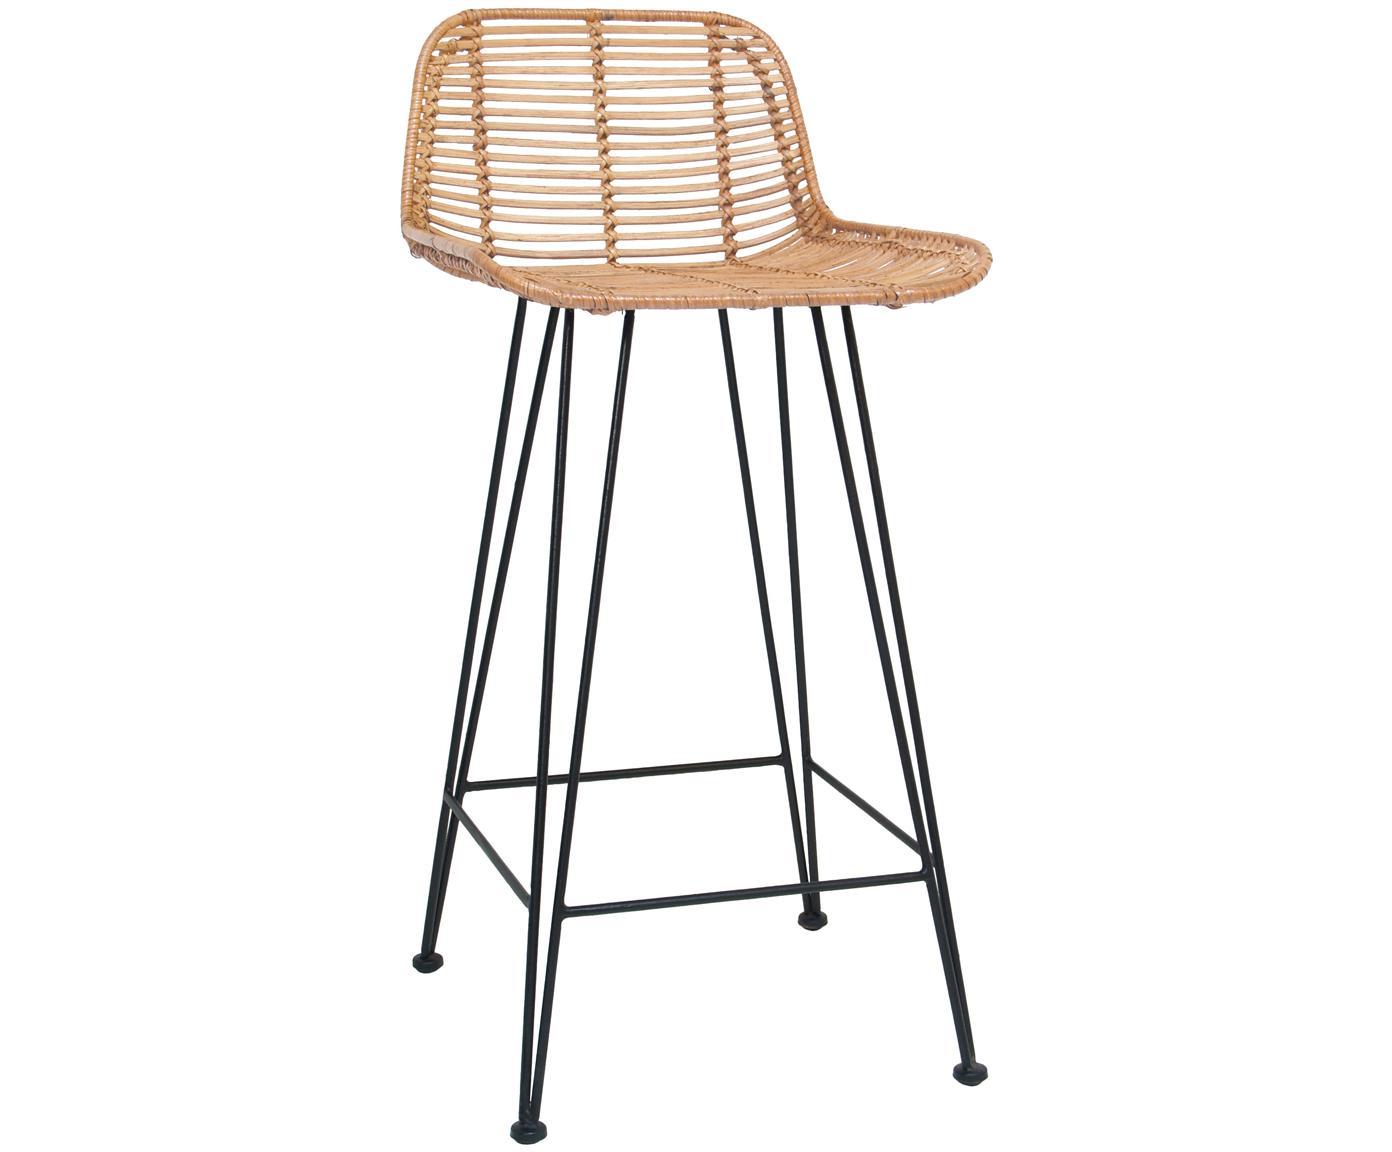 Sedia da bar in vimini Blind, Gambe: metallo verniciato a polv, Rattan, nero, L 42 x A 89 cm